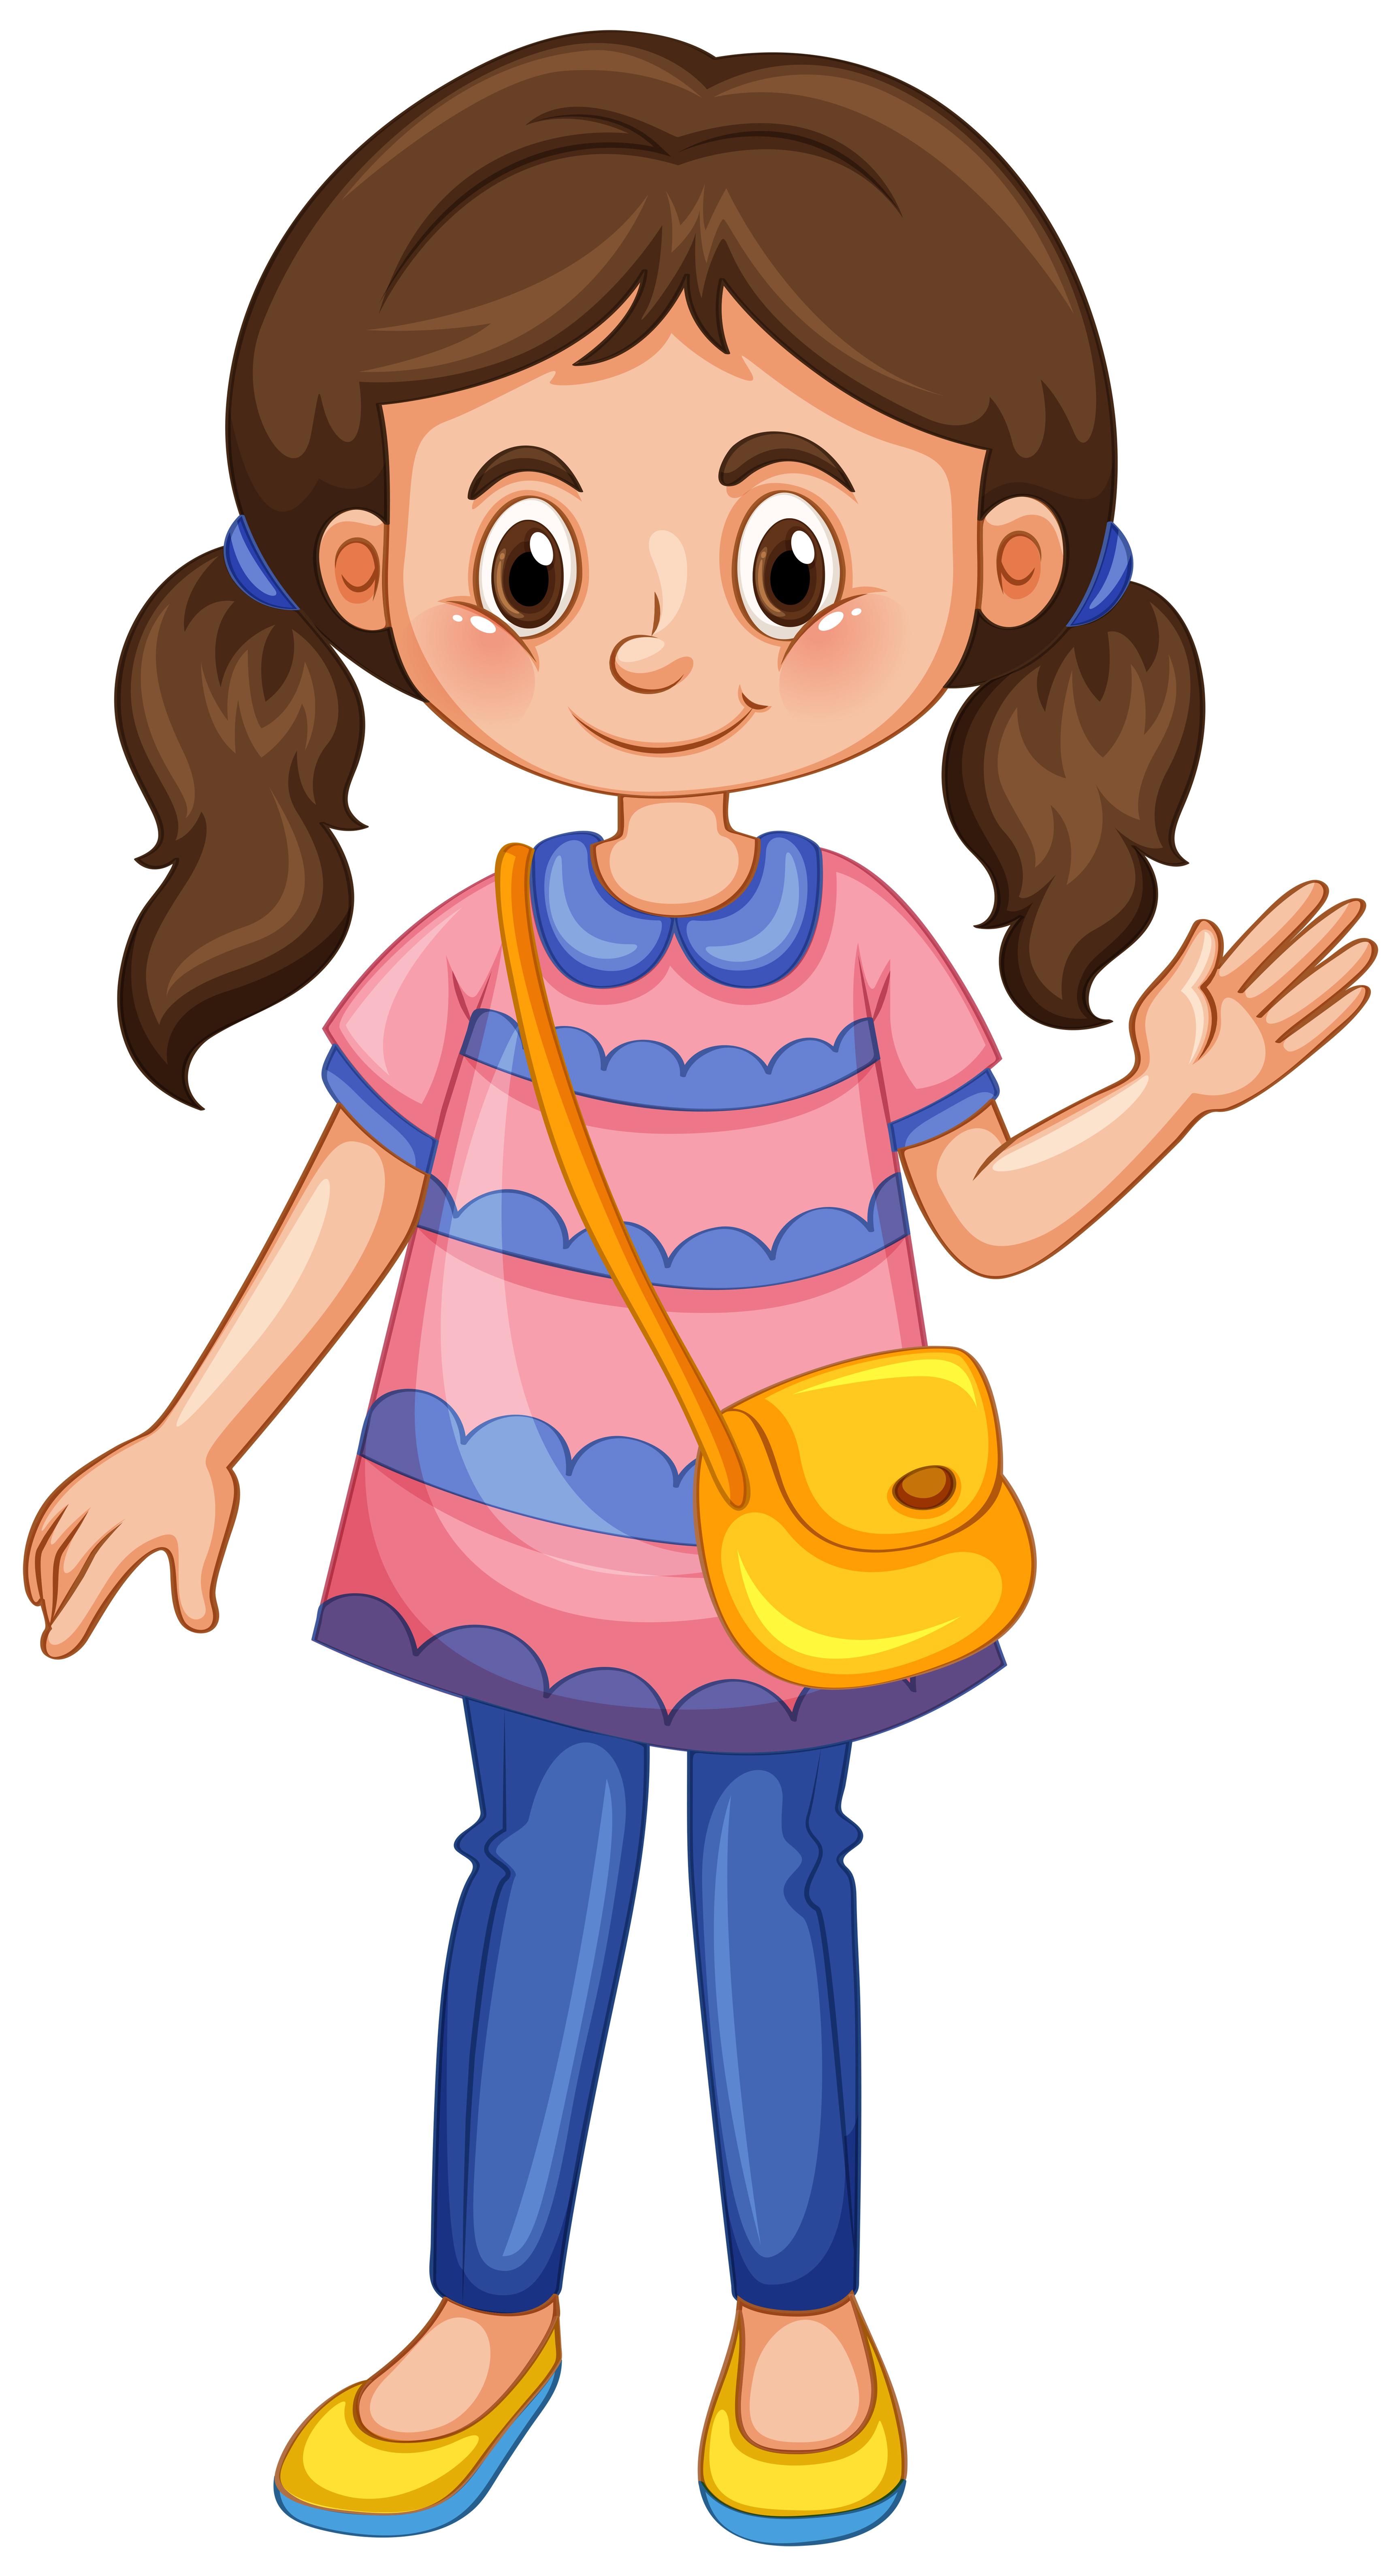 Kleines Mädchen winkt Hand 549886 Vektor Kunst bei Vecteezy